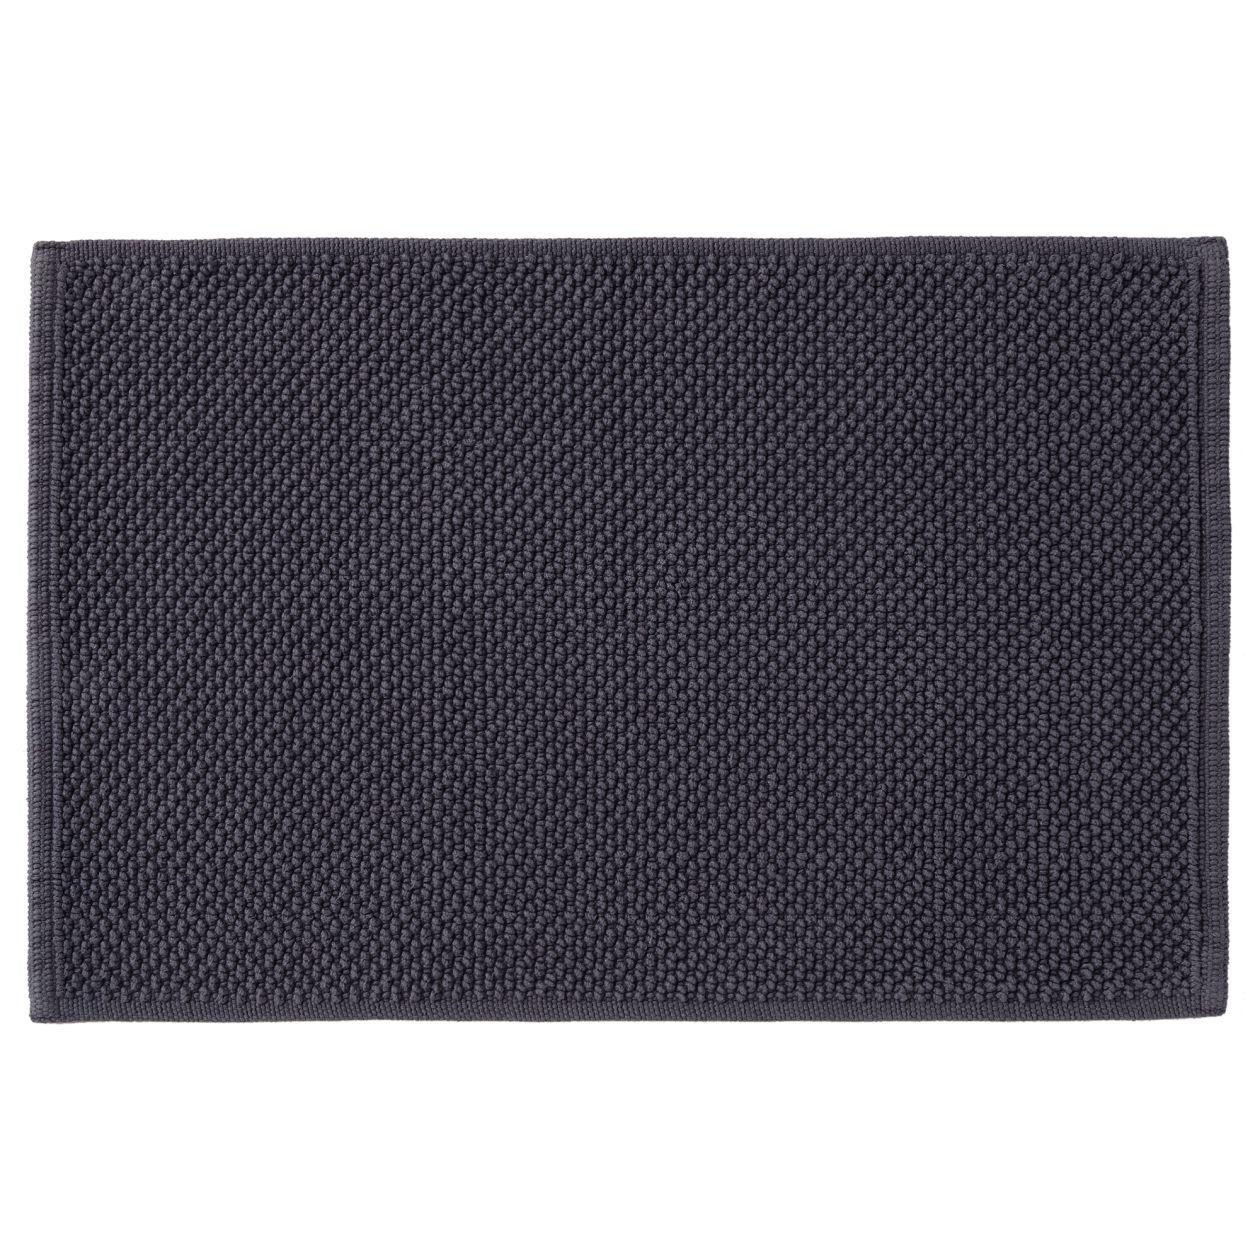 インド綿手織パイルバスマット・S/ネイビー